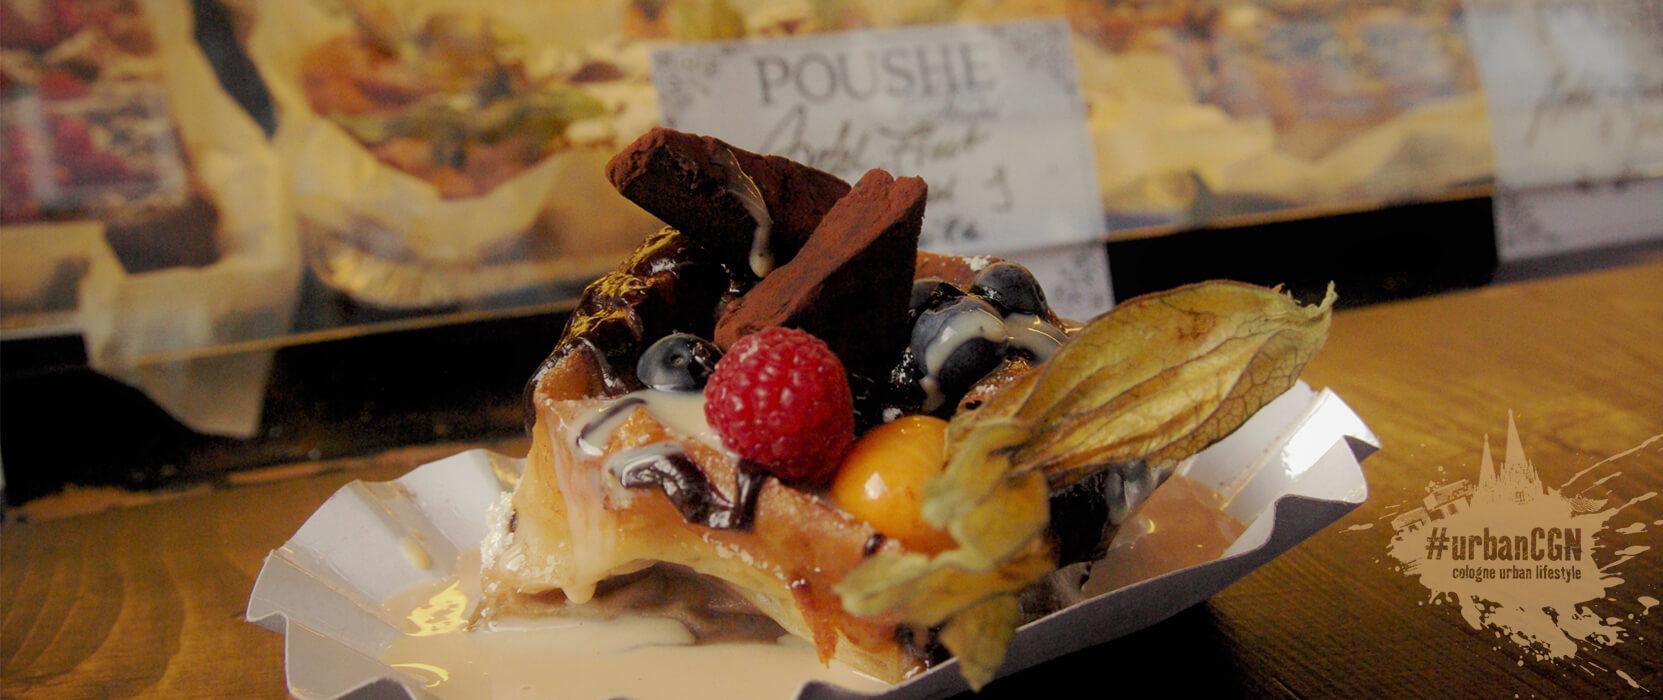 Food-Tour über die Kölner Weihnachtsmärkte, Headerbild